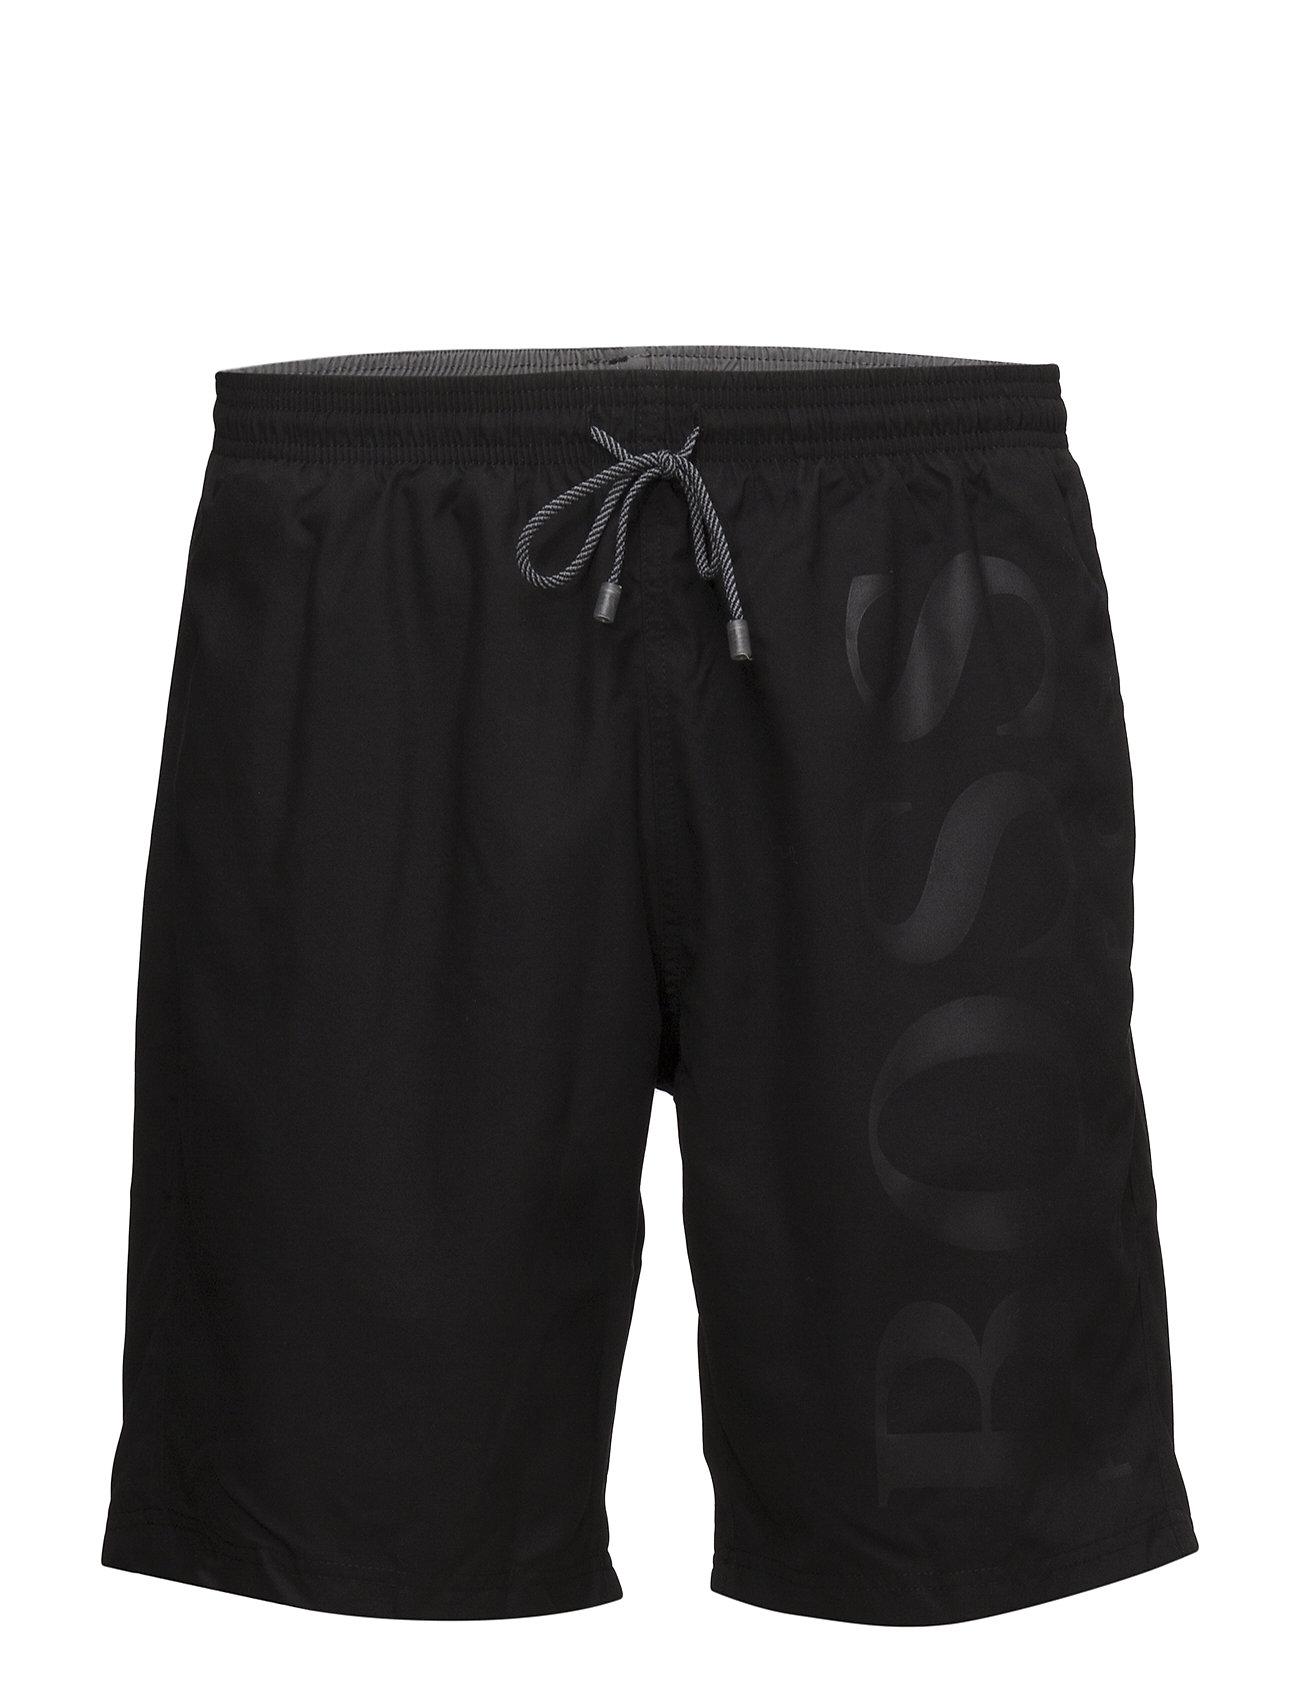 BOSS Business Wear Orca - BLACK